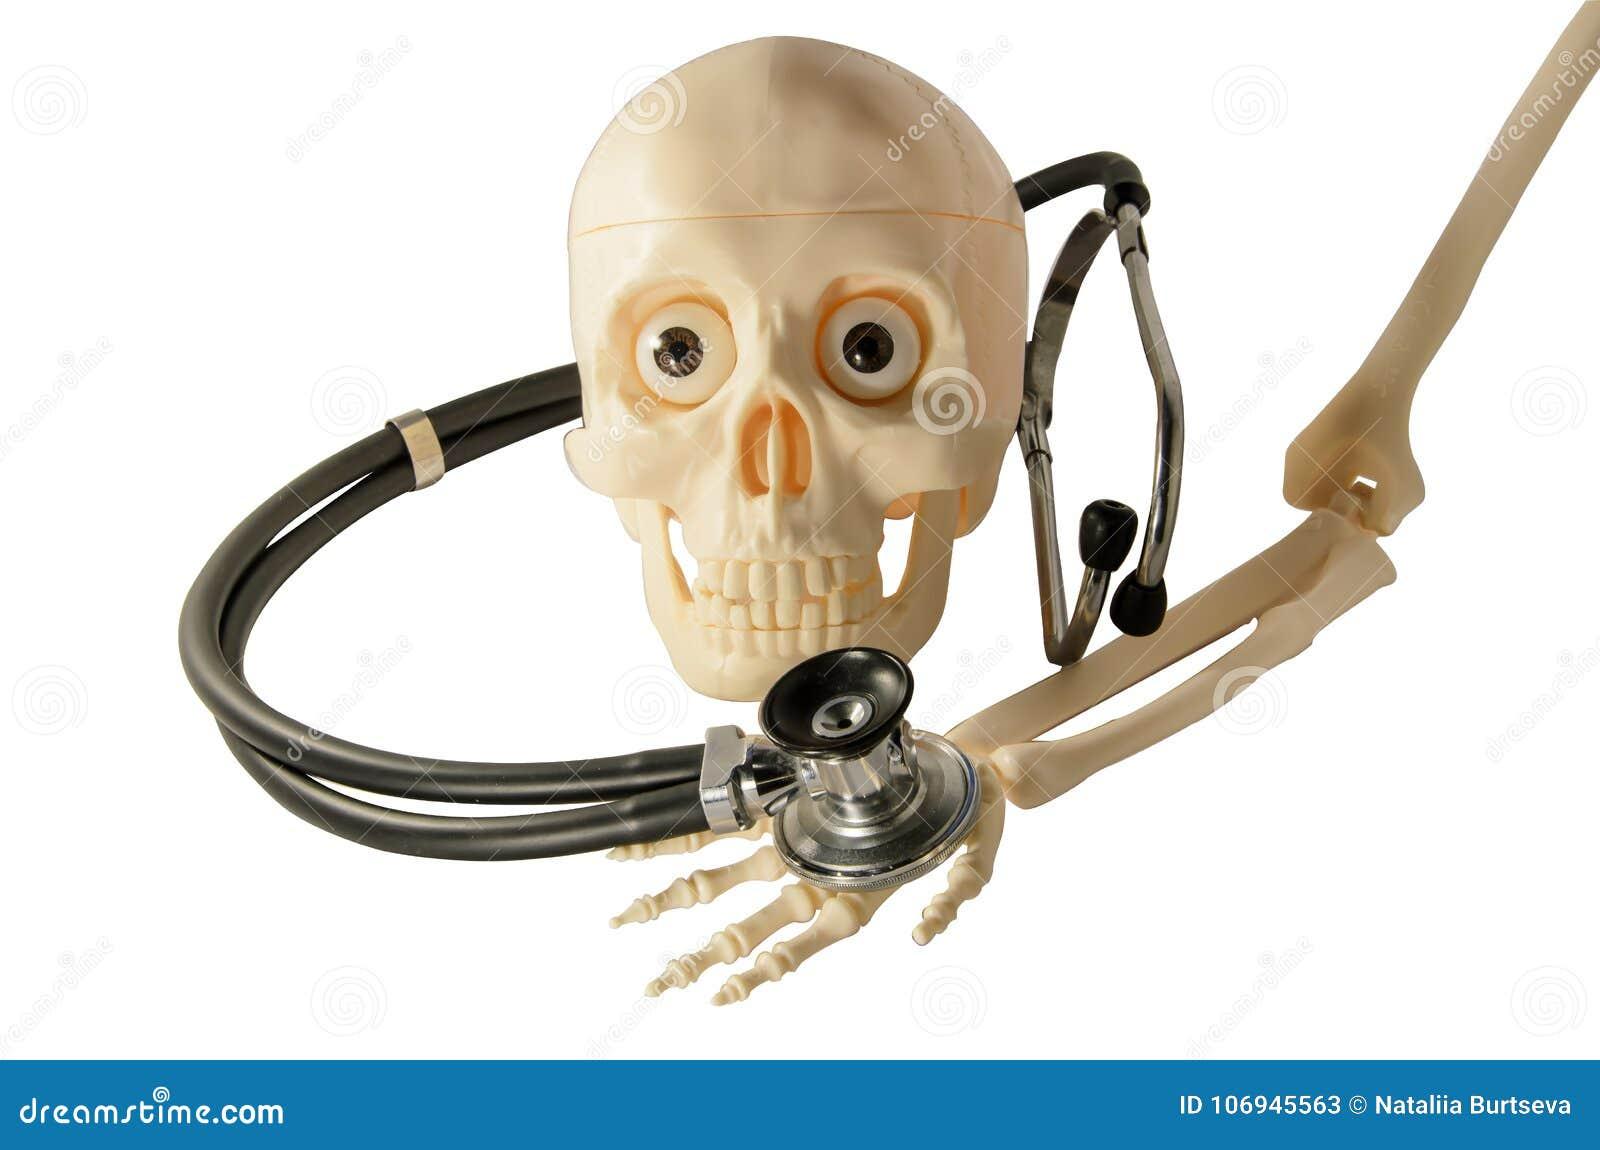 Skeleton skull arm bones stethoscope